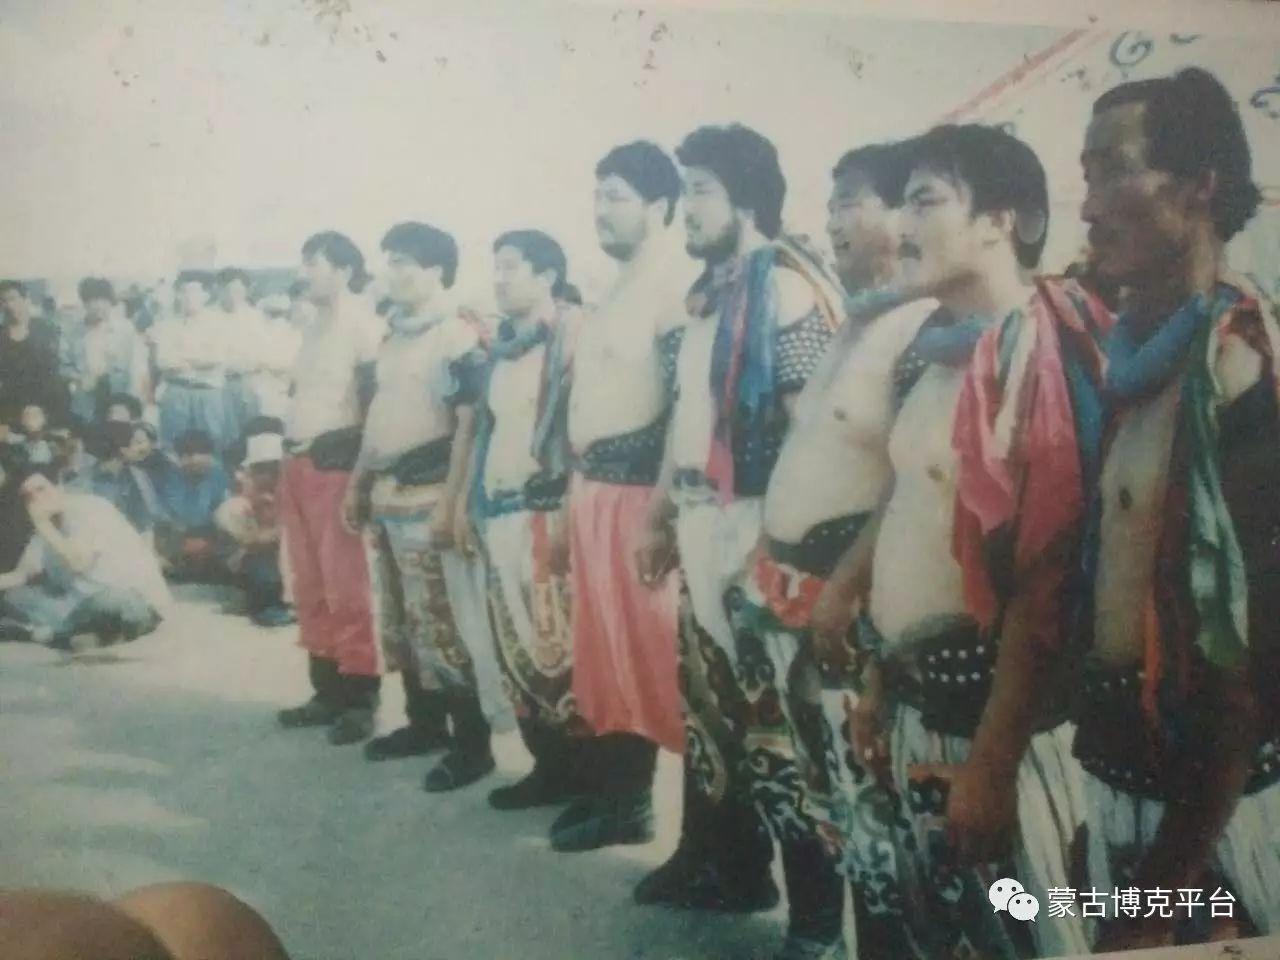 蒙古博克-老前辈们(图片) 第3张 蒙古博克-老前辈们(图片) 蒙古文化